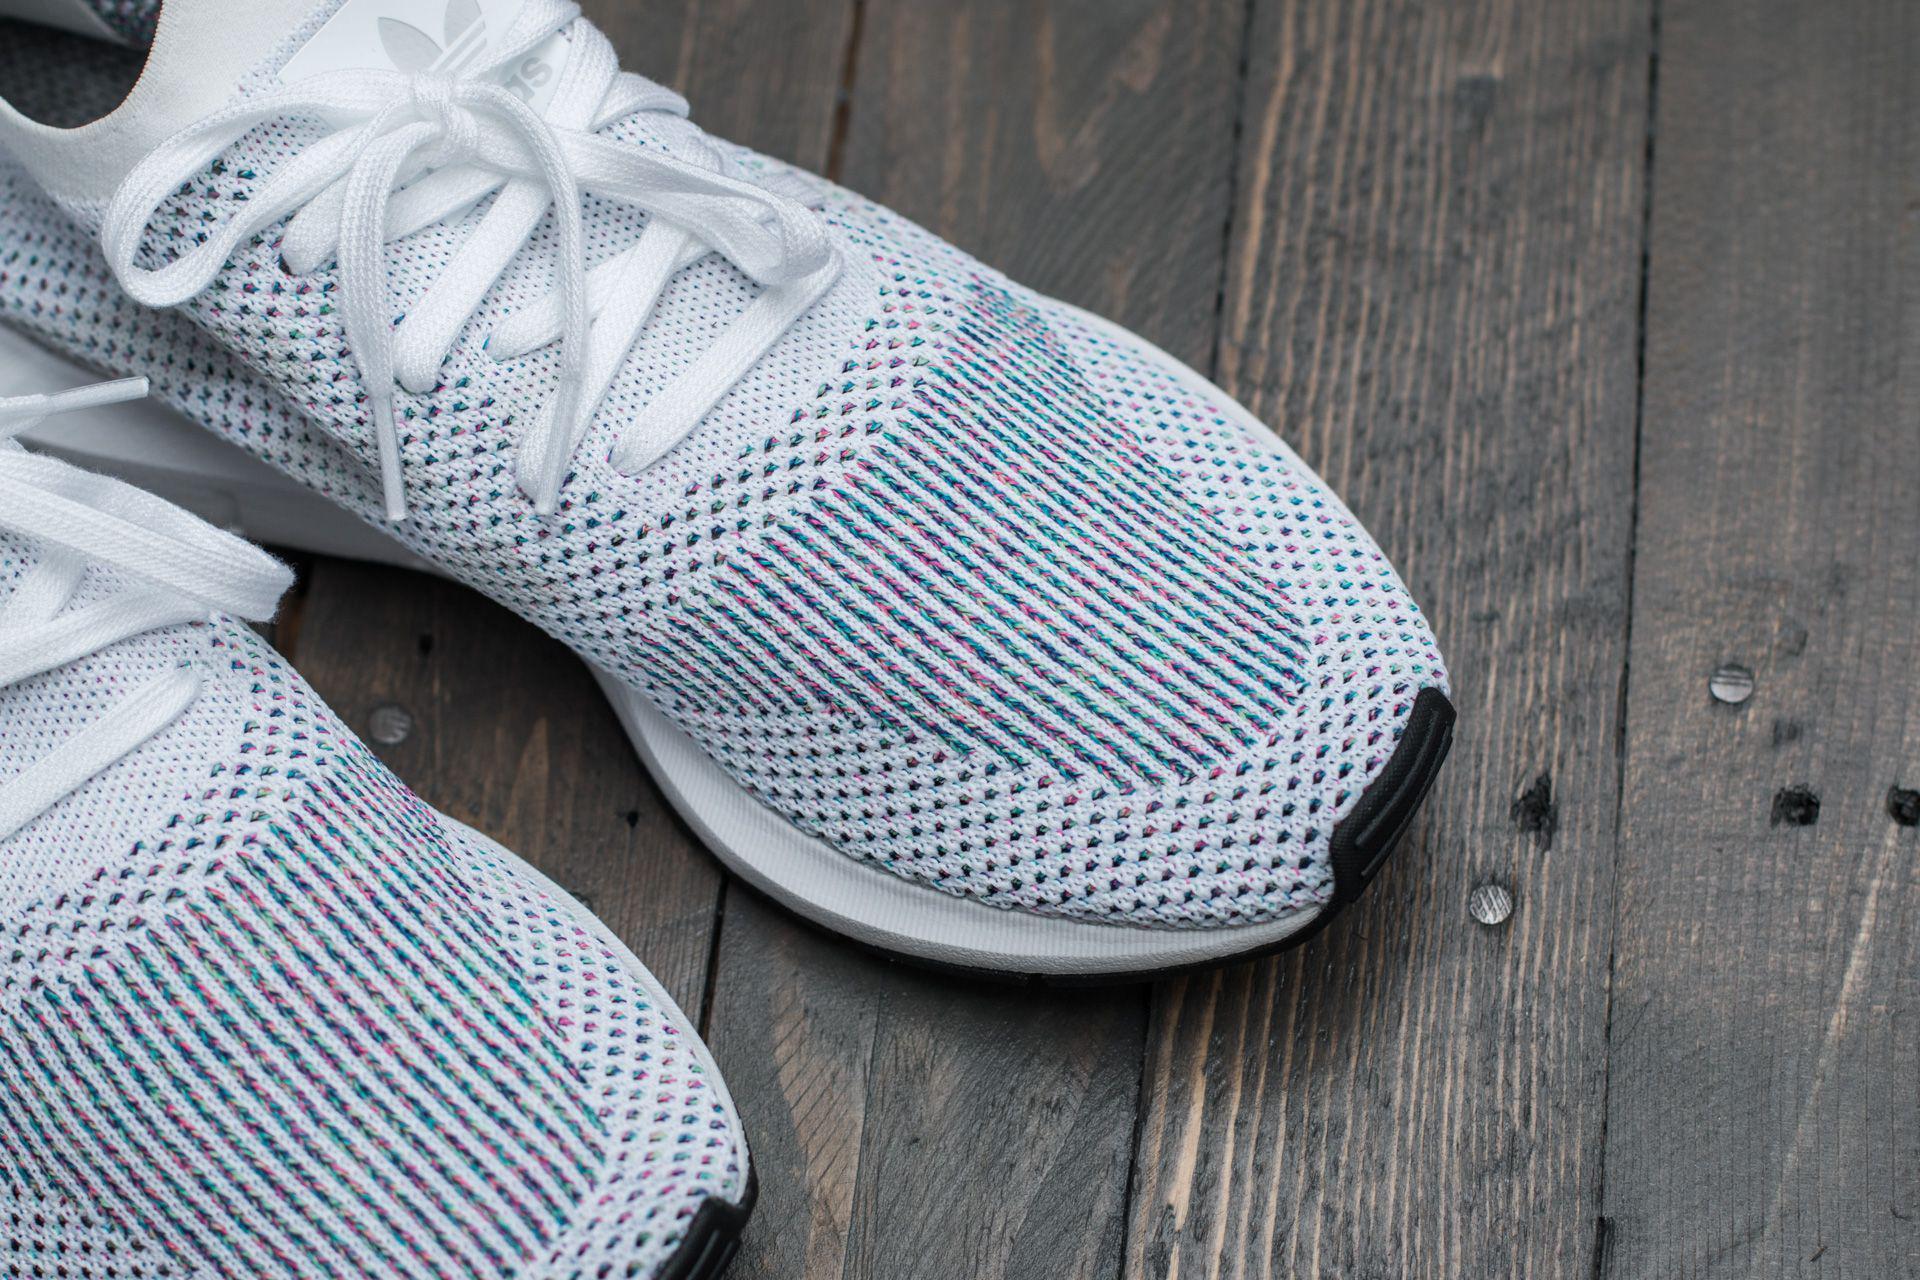 86a34778479cf Lyst - adidas Originals Adidas Swift Run Primeknit Ftw White  Grey ...